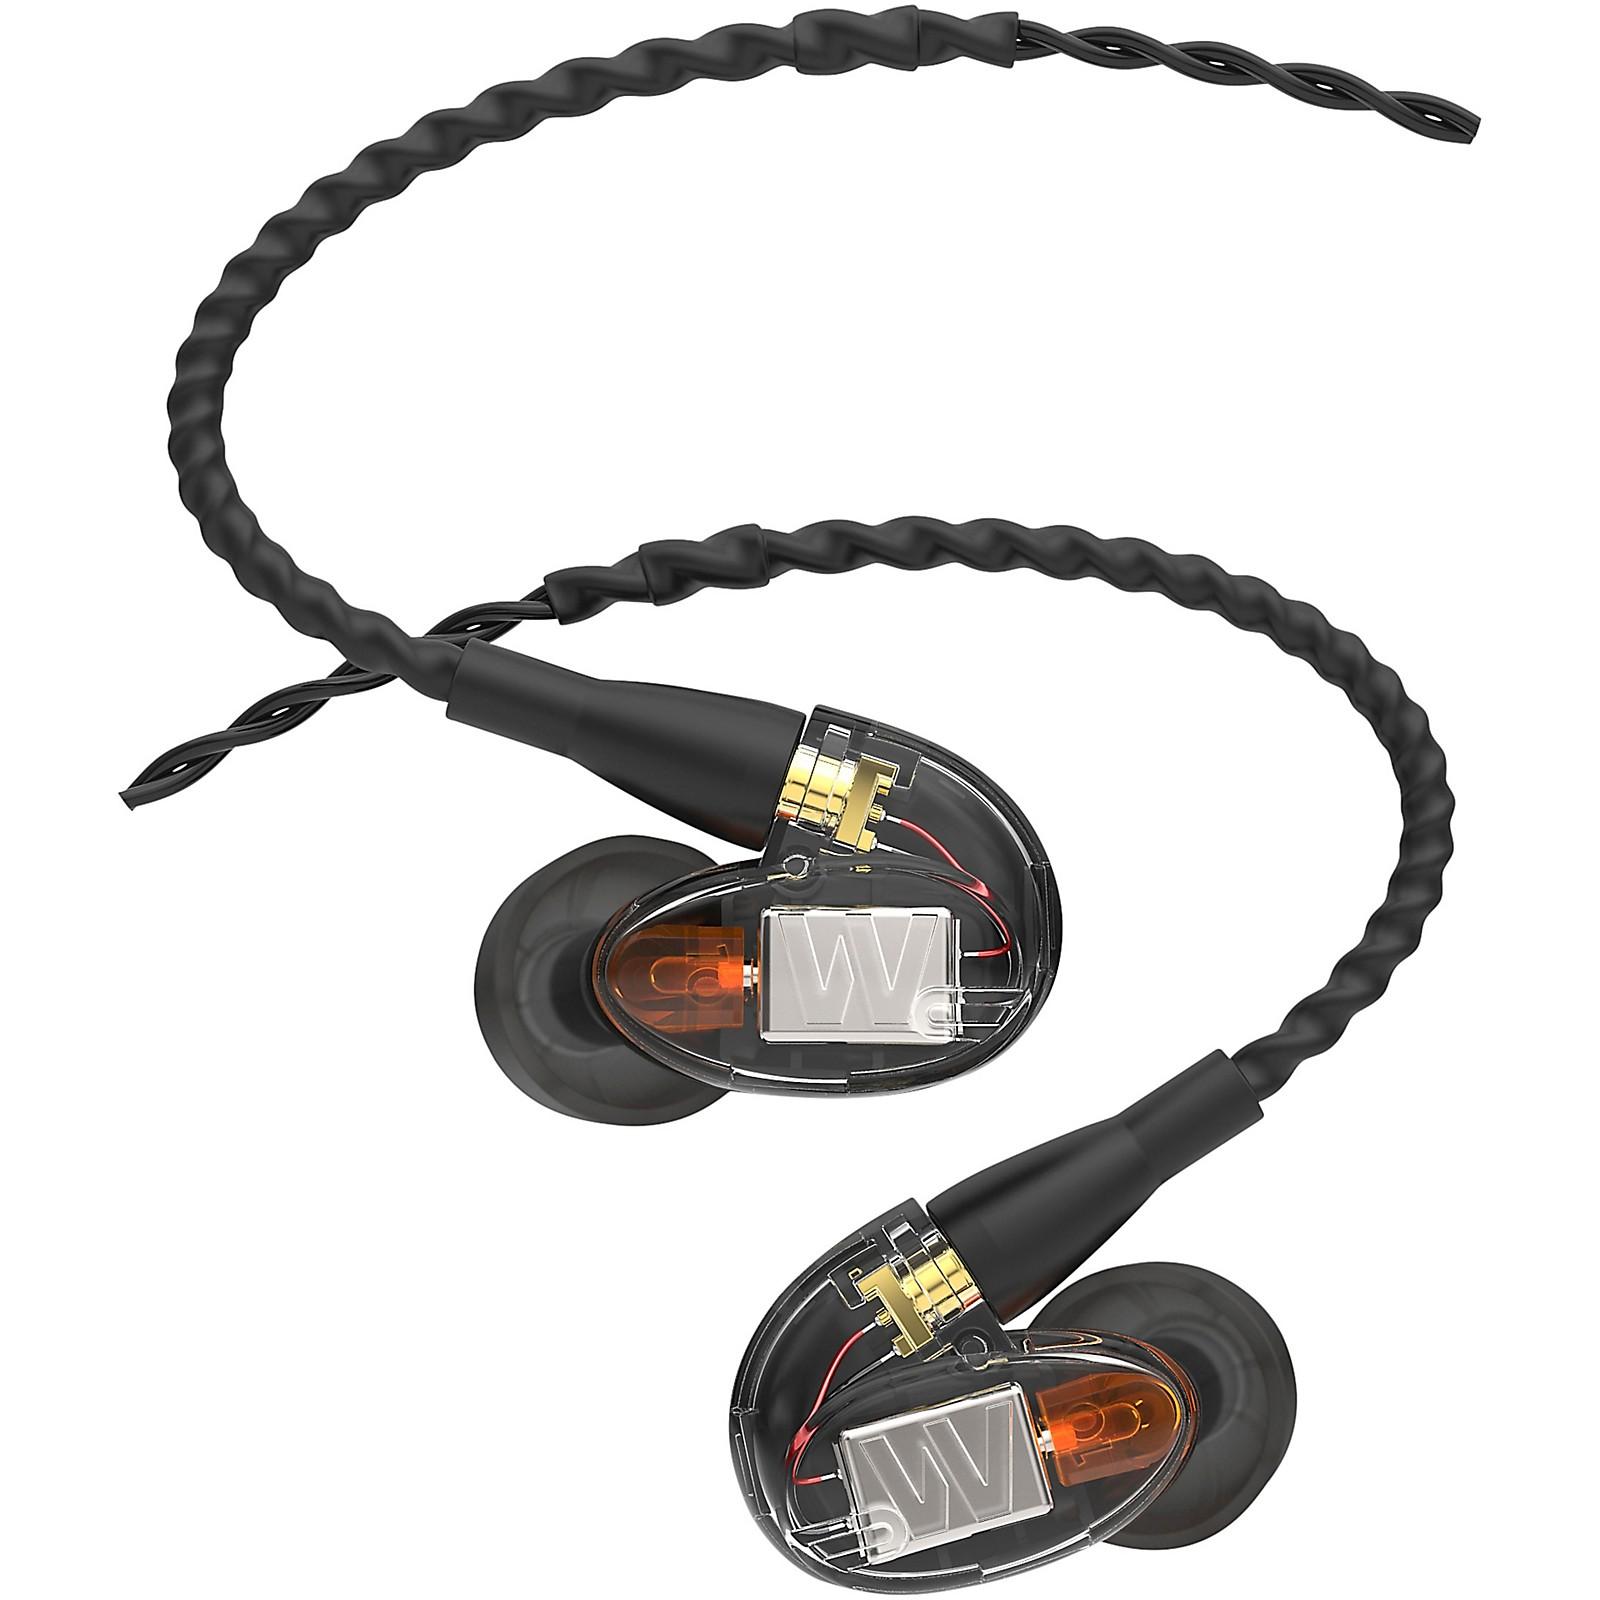 WESTONE UM Pro 10 Gen 2 In-Ear Monitors